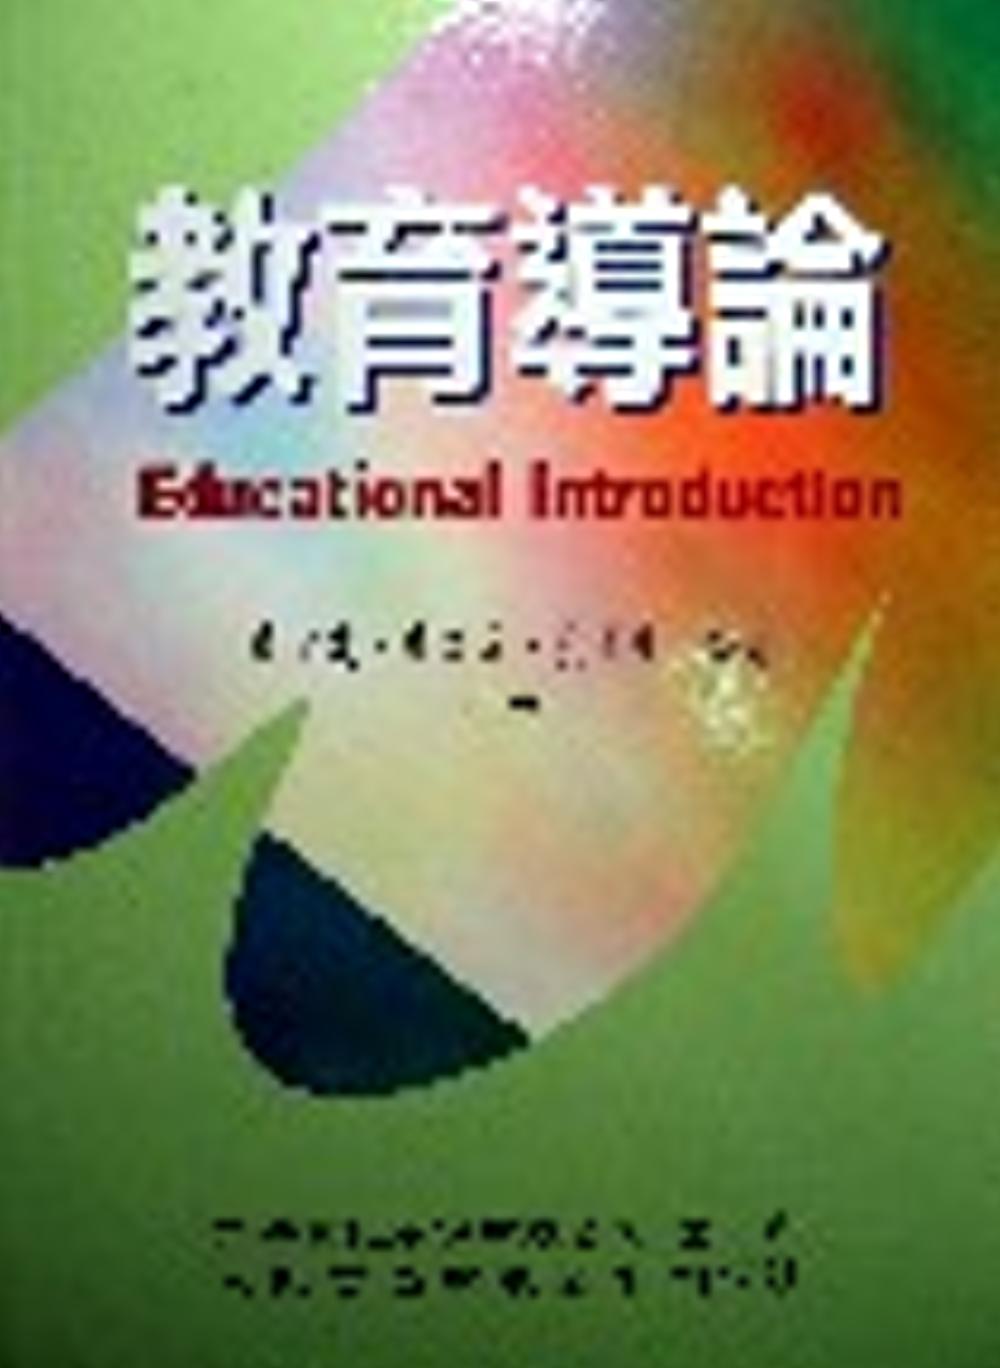 教育導論(二版)